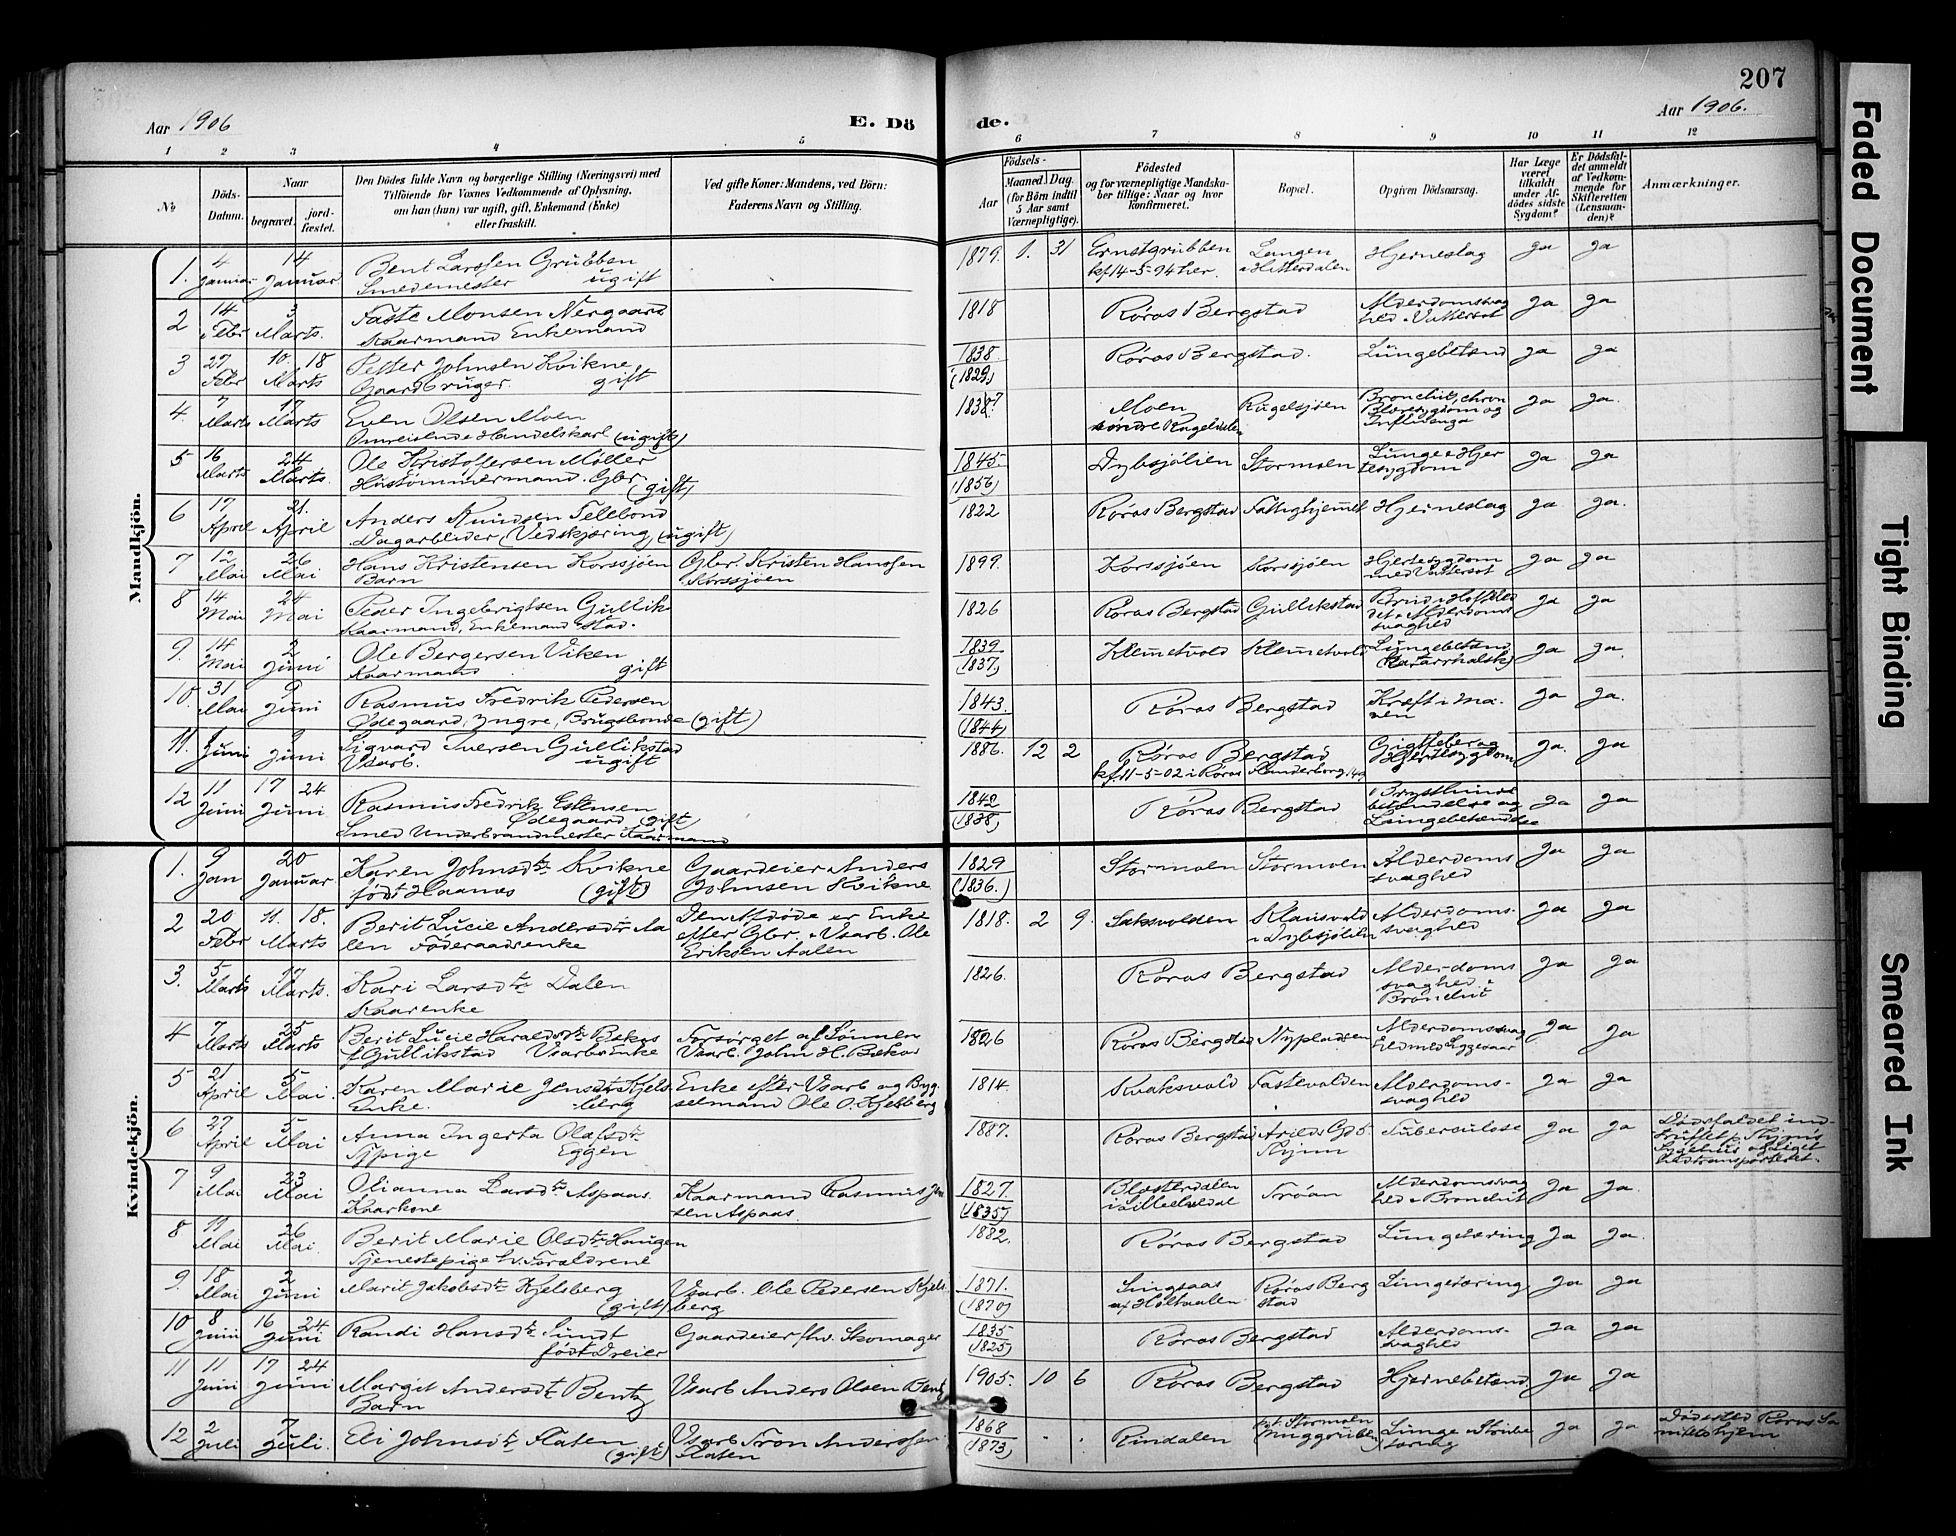 SAT, Ministerialprotokoller, klokkerbøker og fødselsregistre - Sør-Trøndelag, 681/L0936: Ministerialbok nr. 681A14, 1899-1908, s. 207